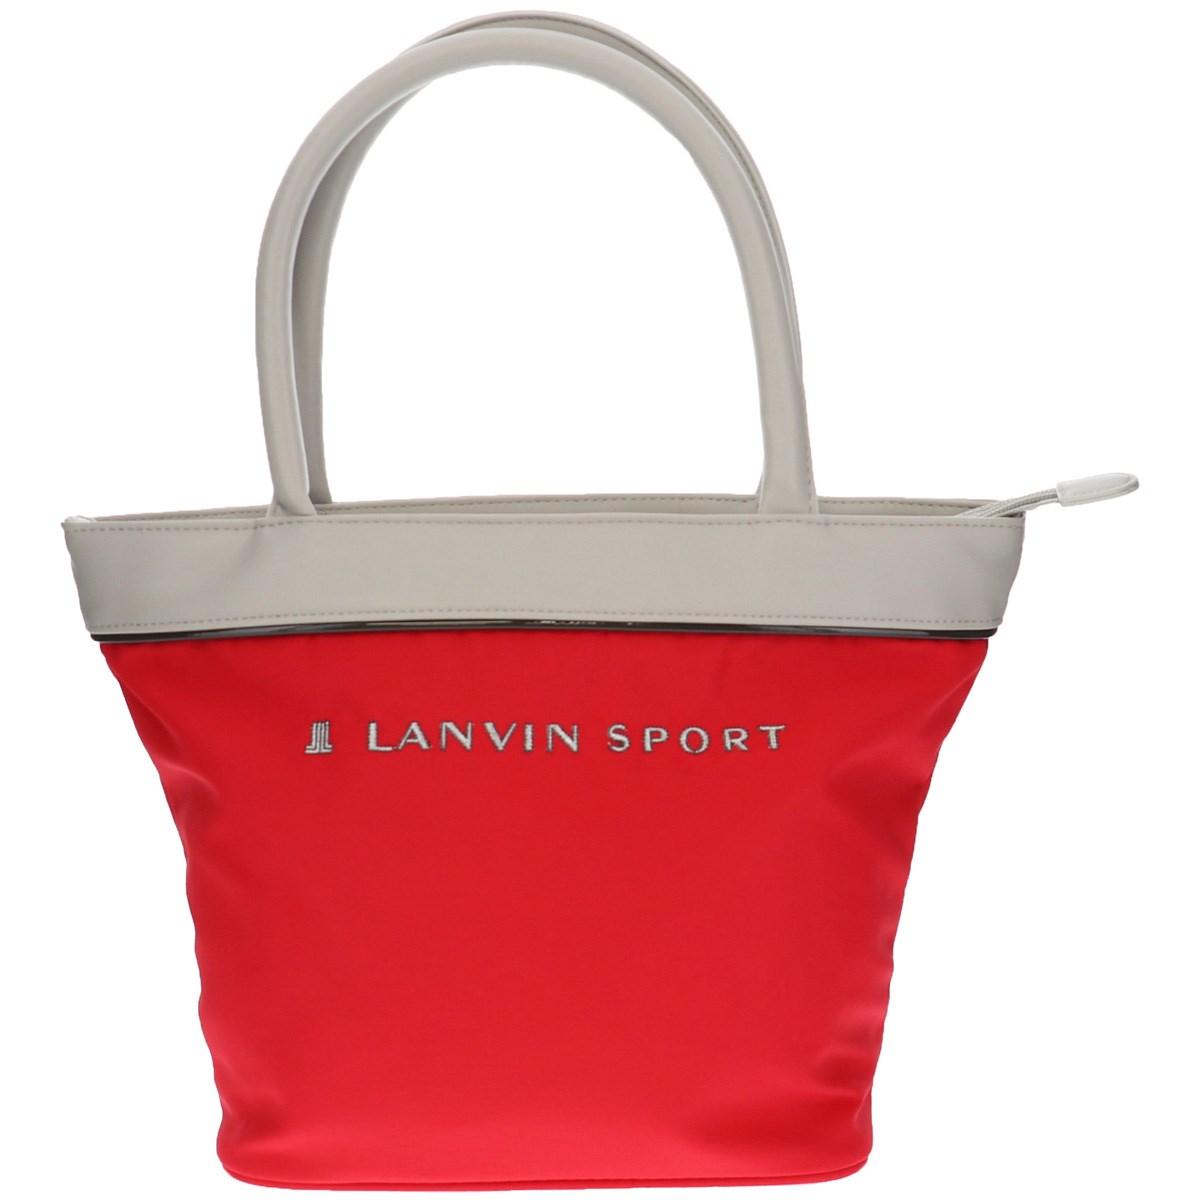 ランバン スポール(LANVIN SPORT) カートバッグ